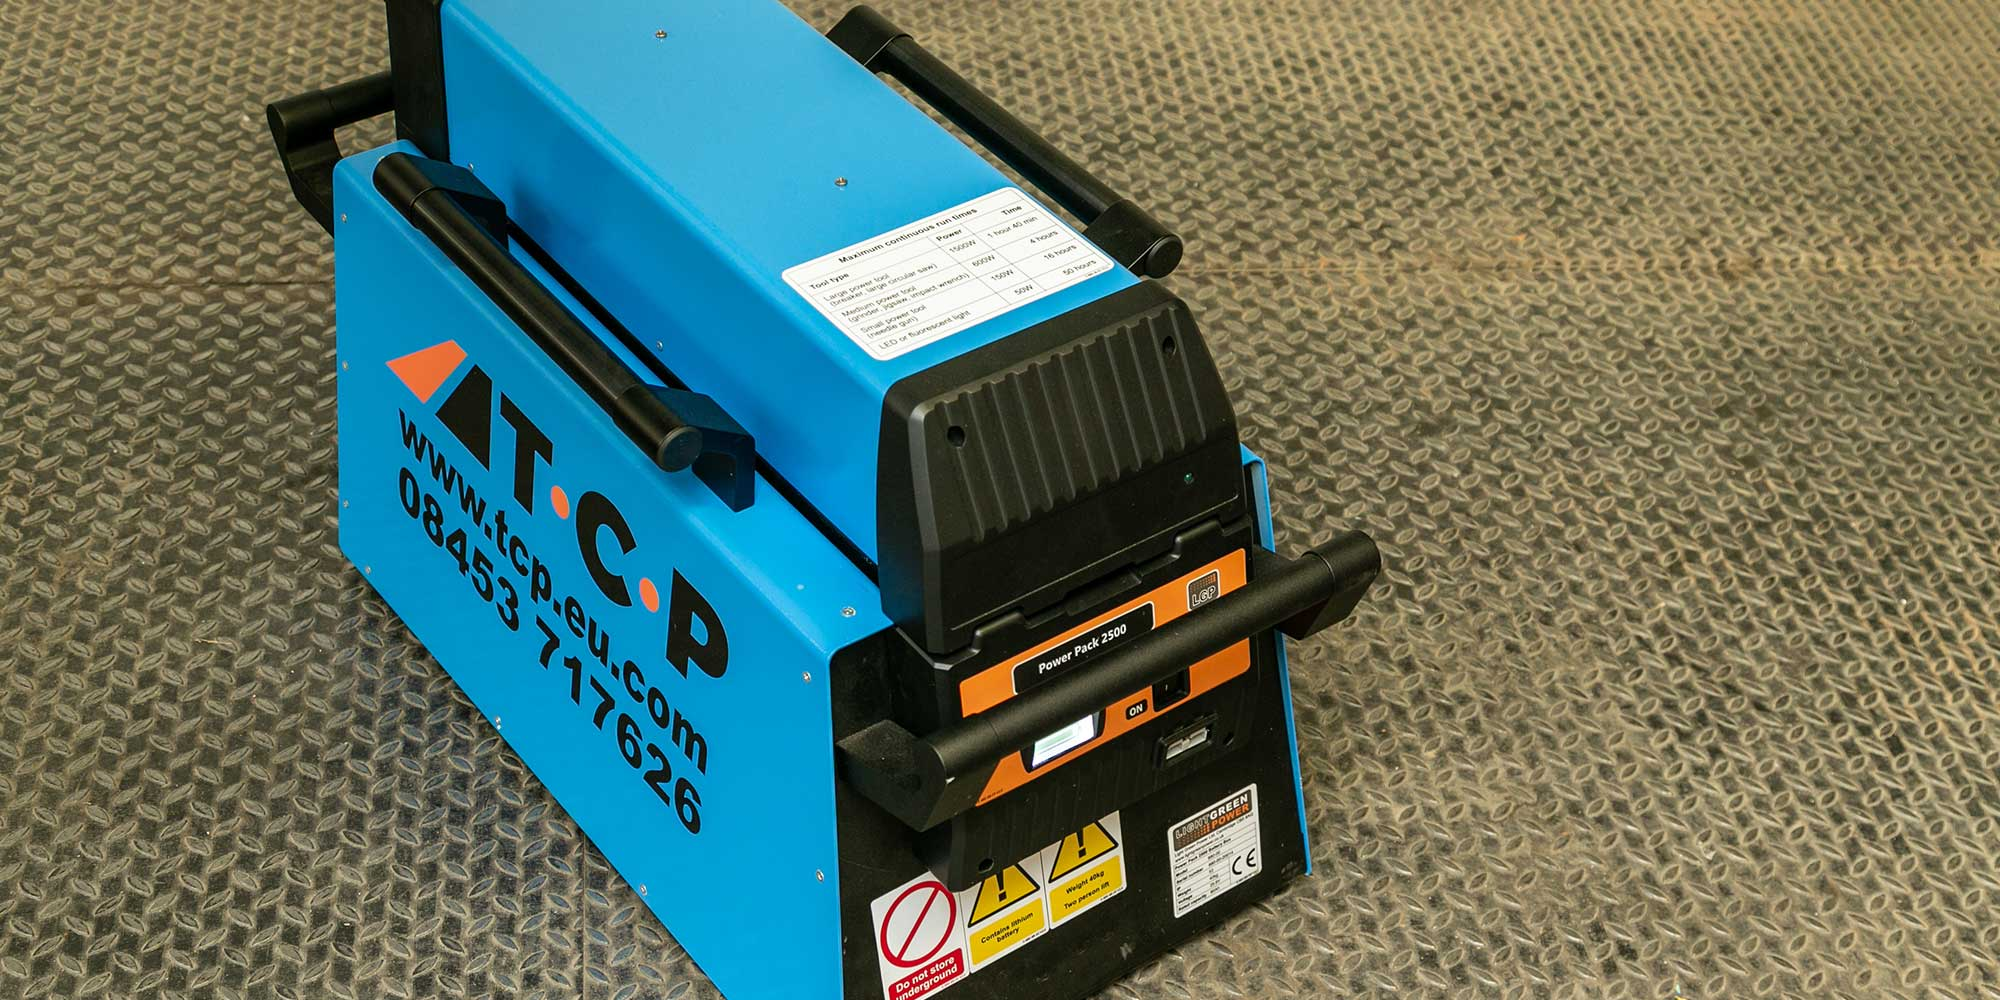 LGP 2500 5kVA battery power pack